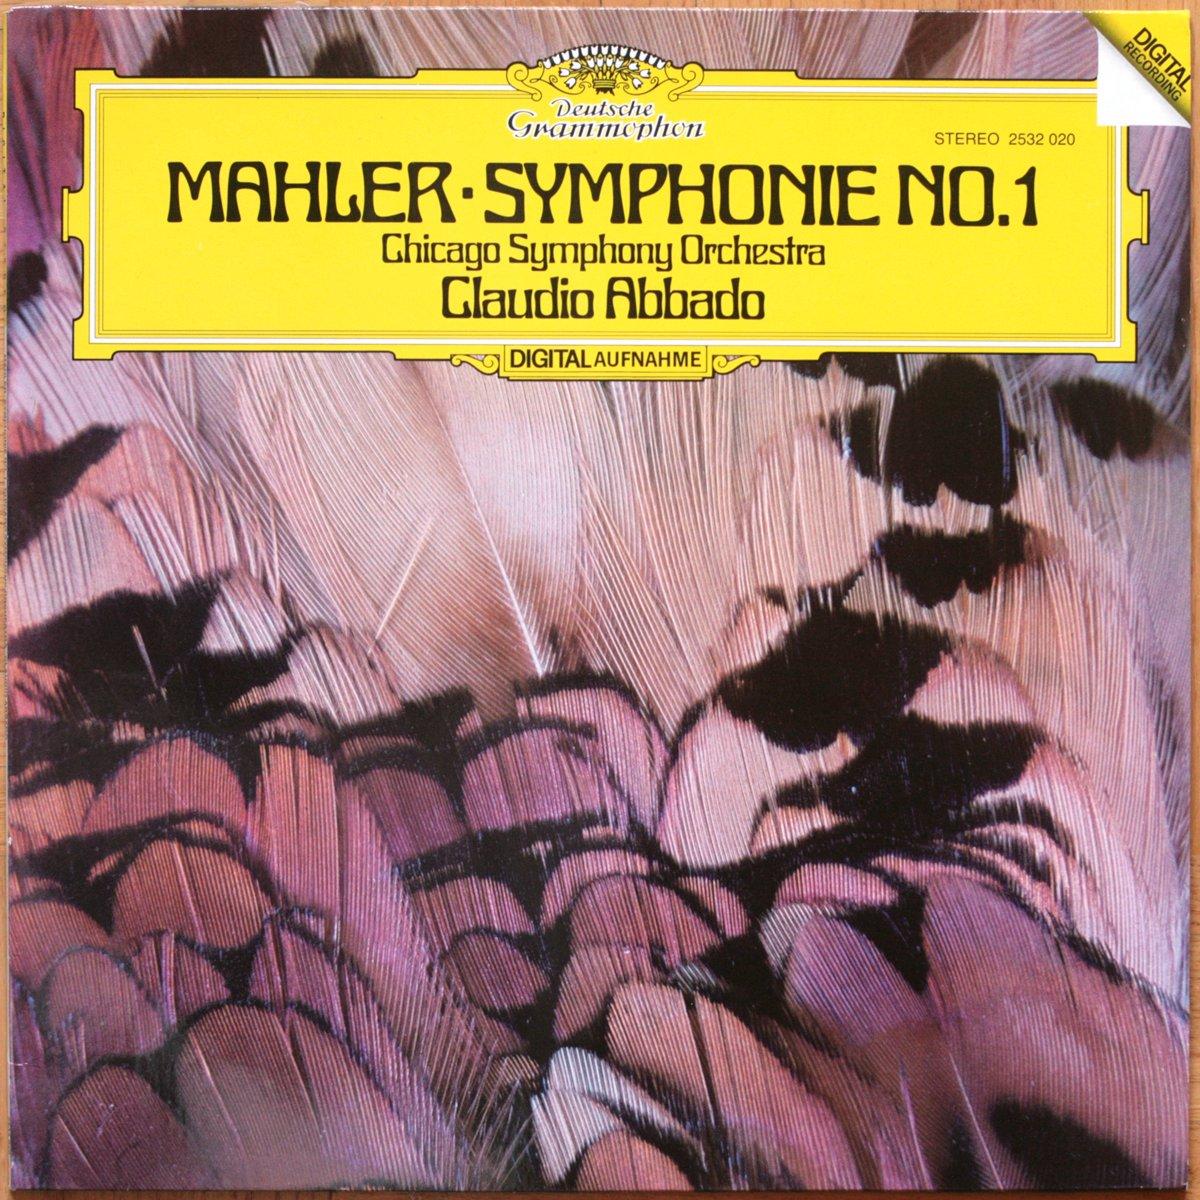 DGG 2532020 Mahler Symphonie 1 Abbado